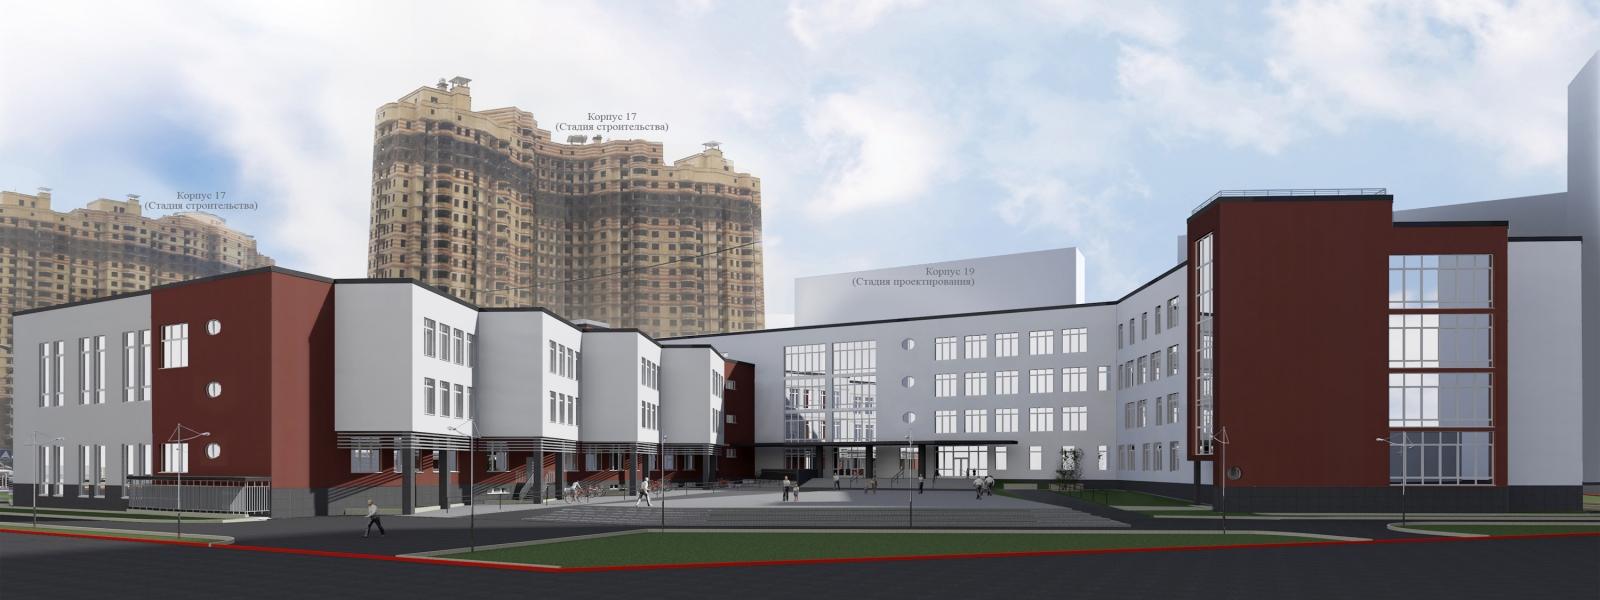 work-Проект общеобразовательной школы на 825 мест в Санкт-Петербурге